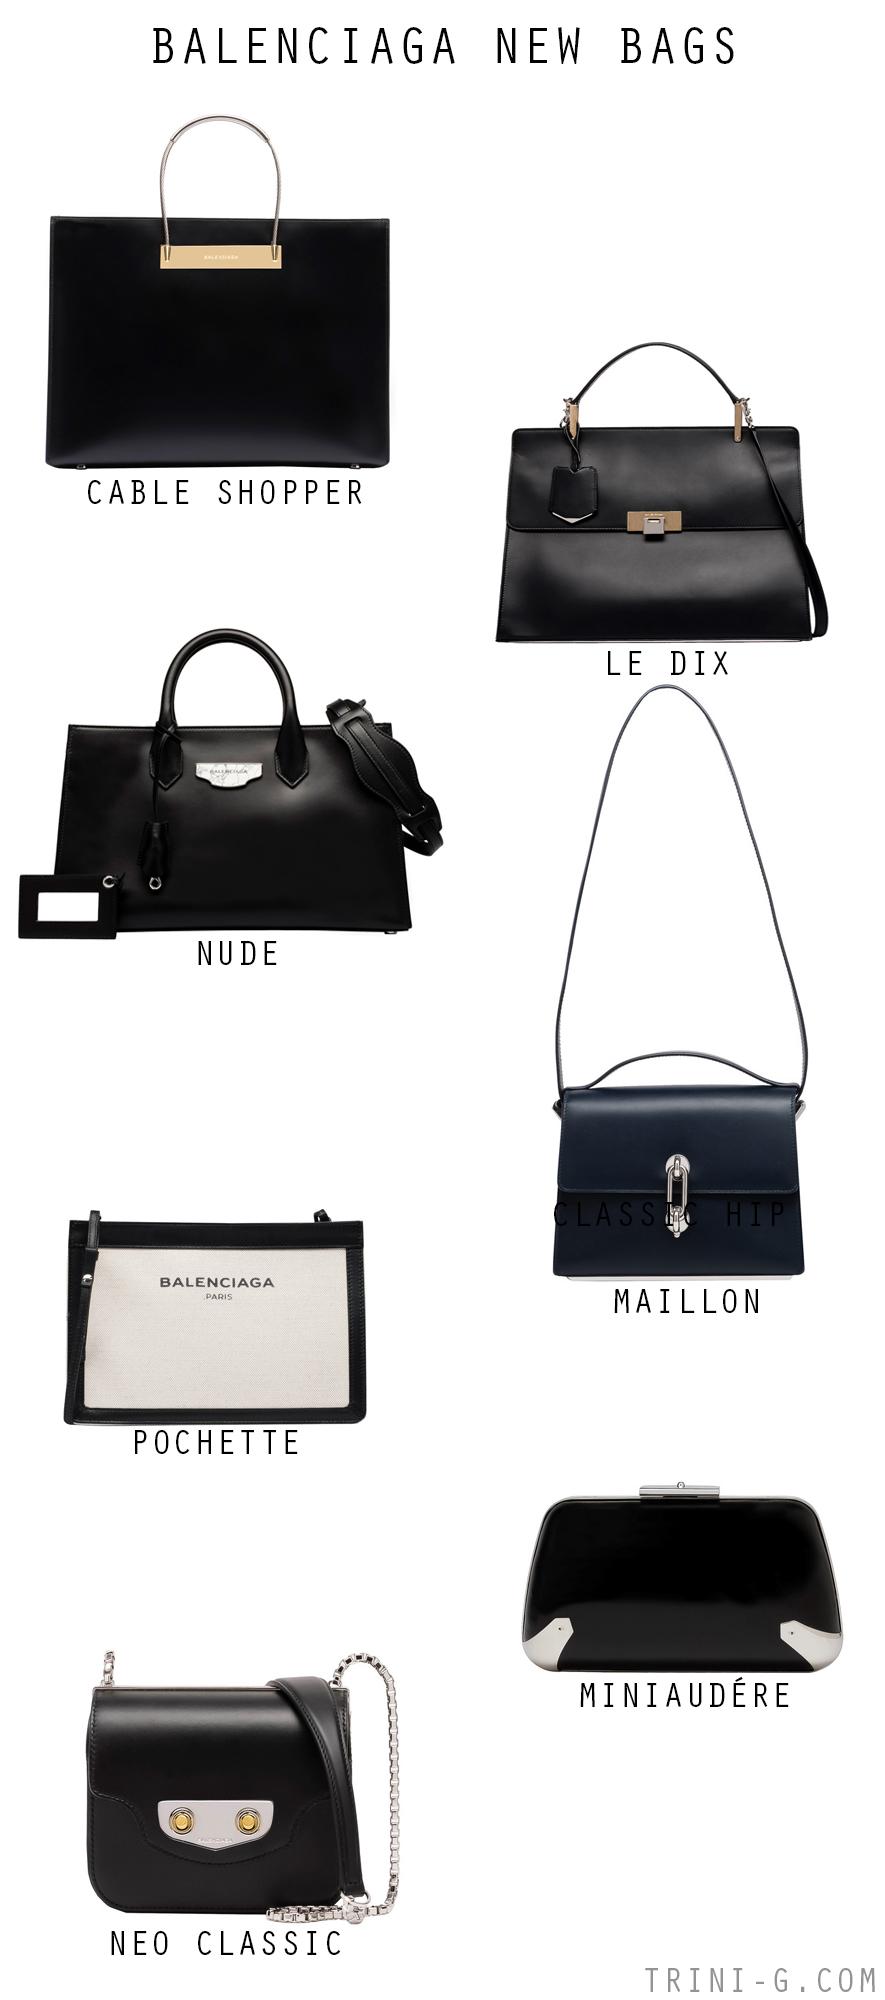 BALENCIAGA NEW BAGS